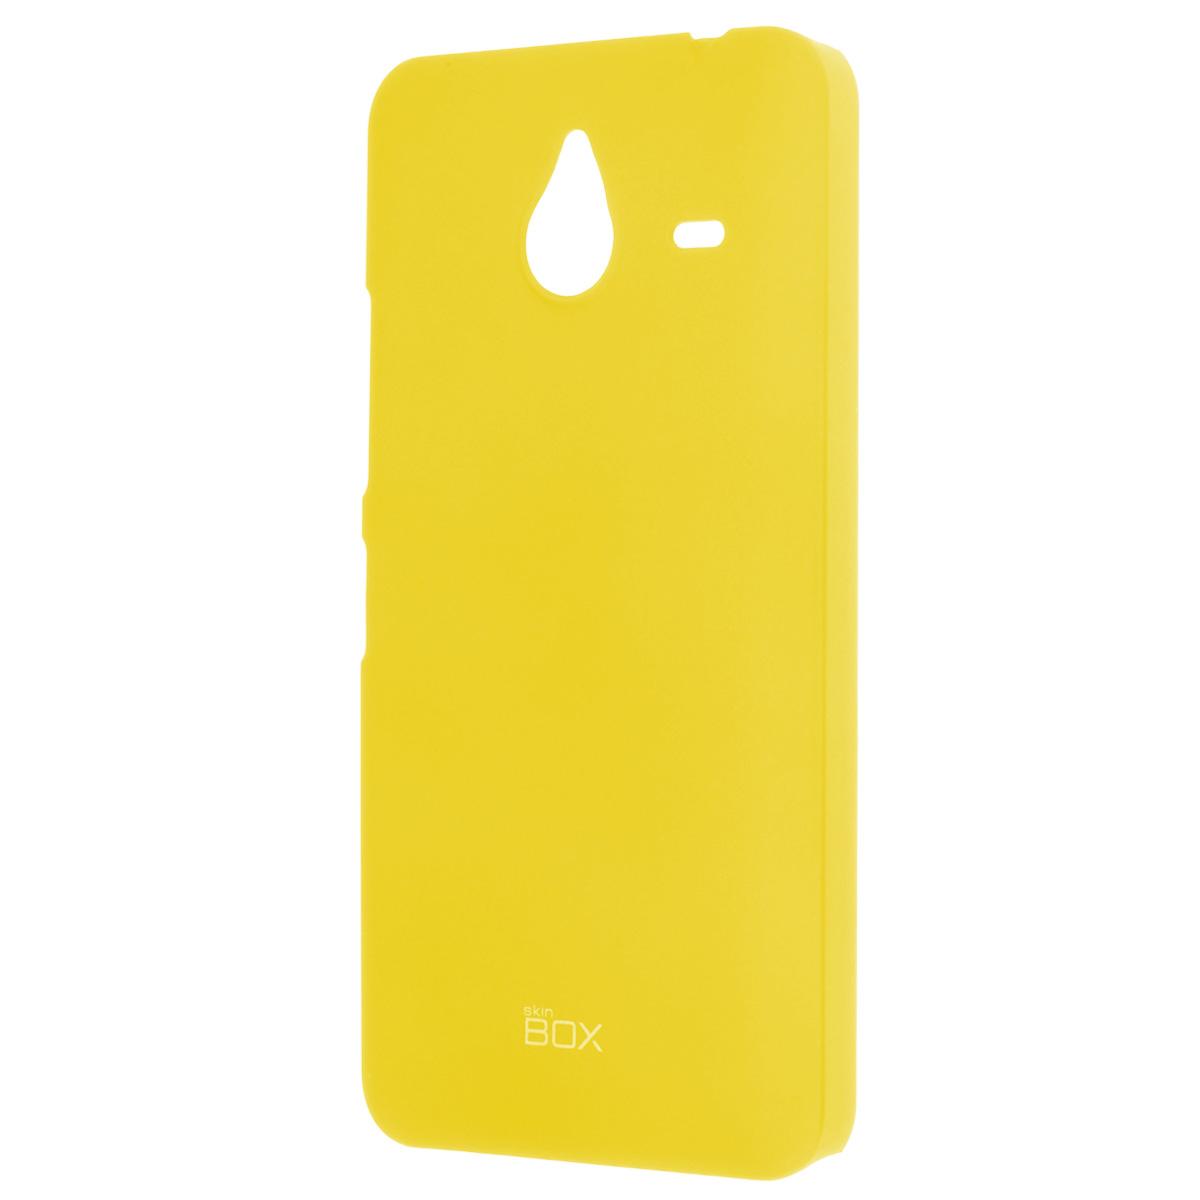 Skinbox Shield 4People чехол для Microsoft Lumia 640XL, YellowT-S-ML640XL-002Накладка Skinbox Shield 4People для Microsoft Lumia 640XL - отличный аксессуар для защиты корпуса вашего смартфона от внешних повреждений, сохраняющий размеры устройства и обеспечивающий удобство работы с ним. Устойчивый к истиранию пластик надежно амортизирует мелкие механические воздействия и предотвращает появление царапин или потертостей на корпусе вашего гаджета. В комплект также входит защитная пленка для экрана смартфона.